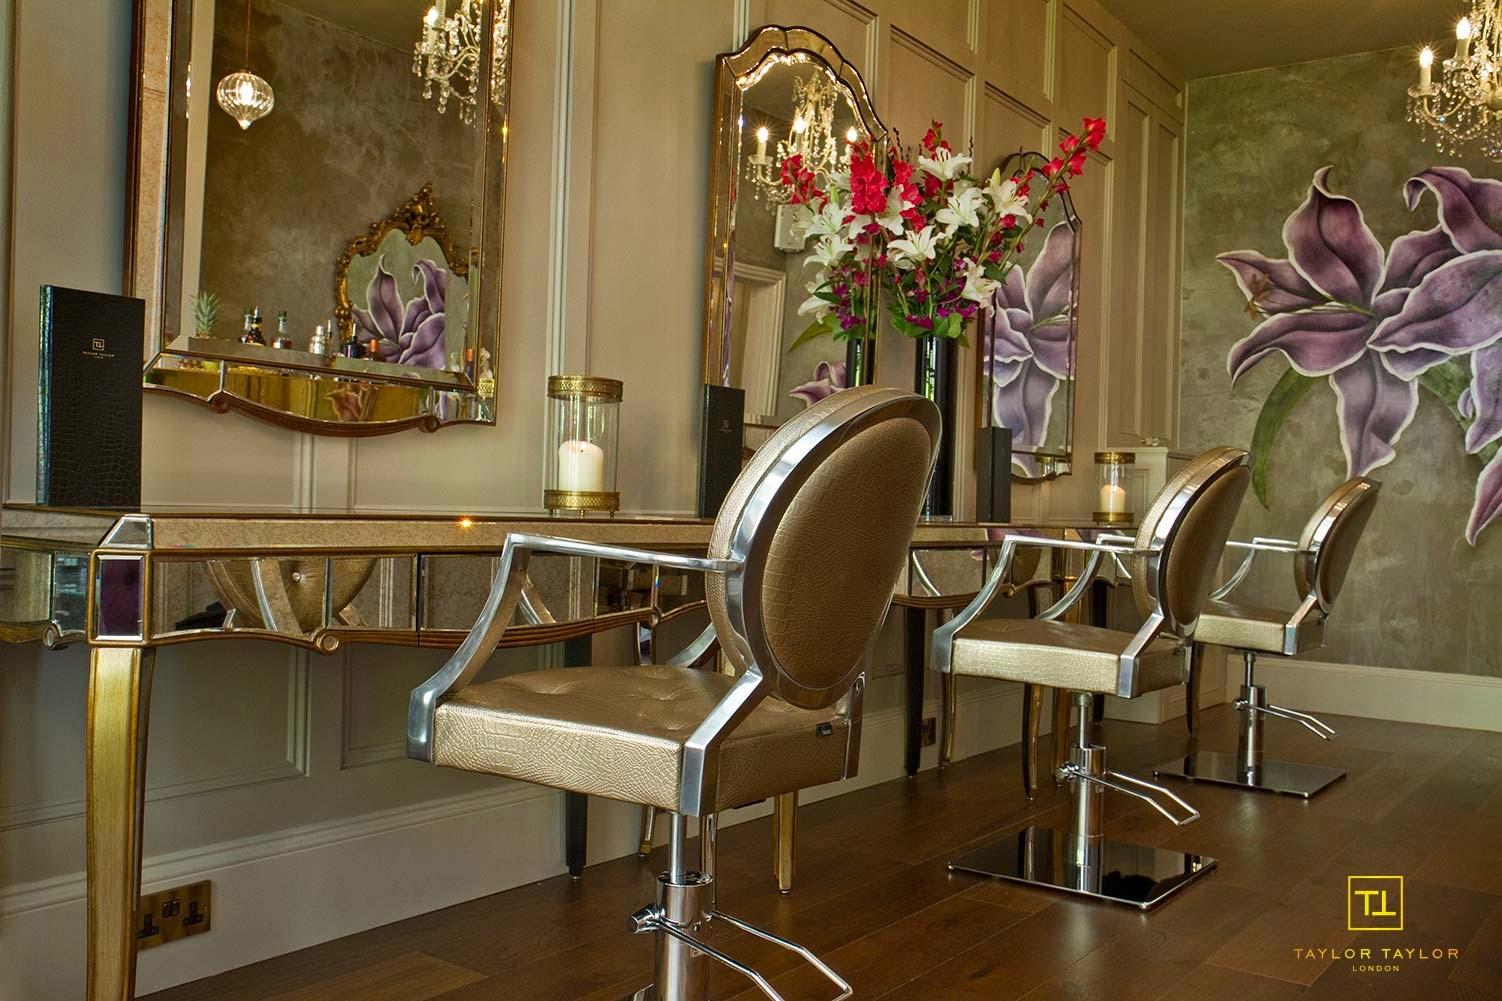 taylor taylor london voted london s best salon google